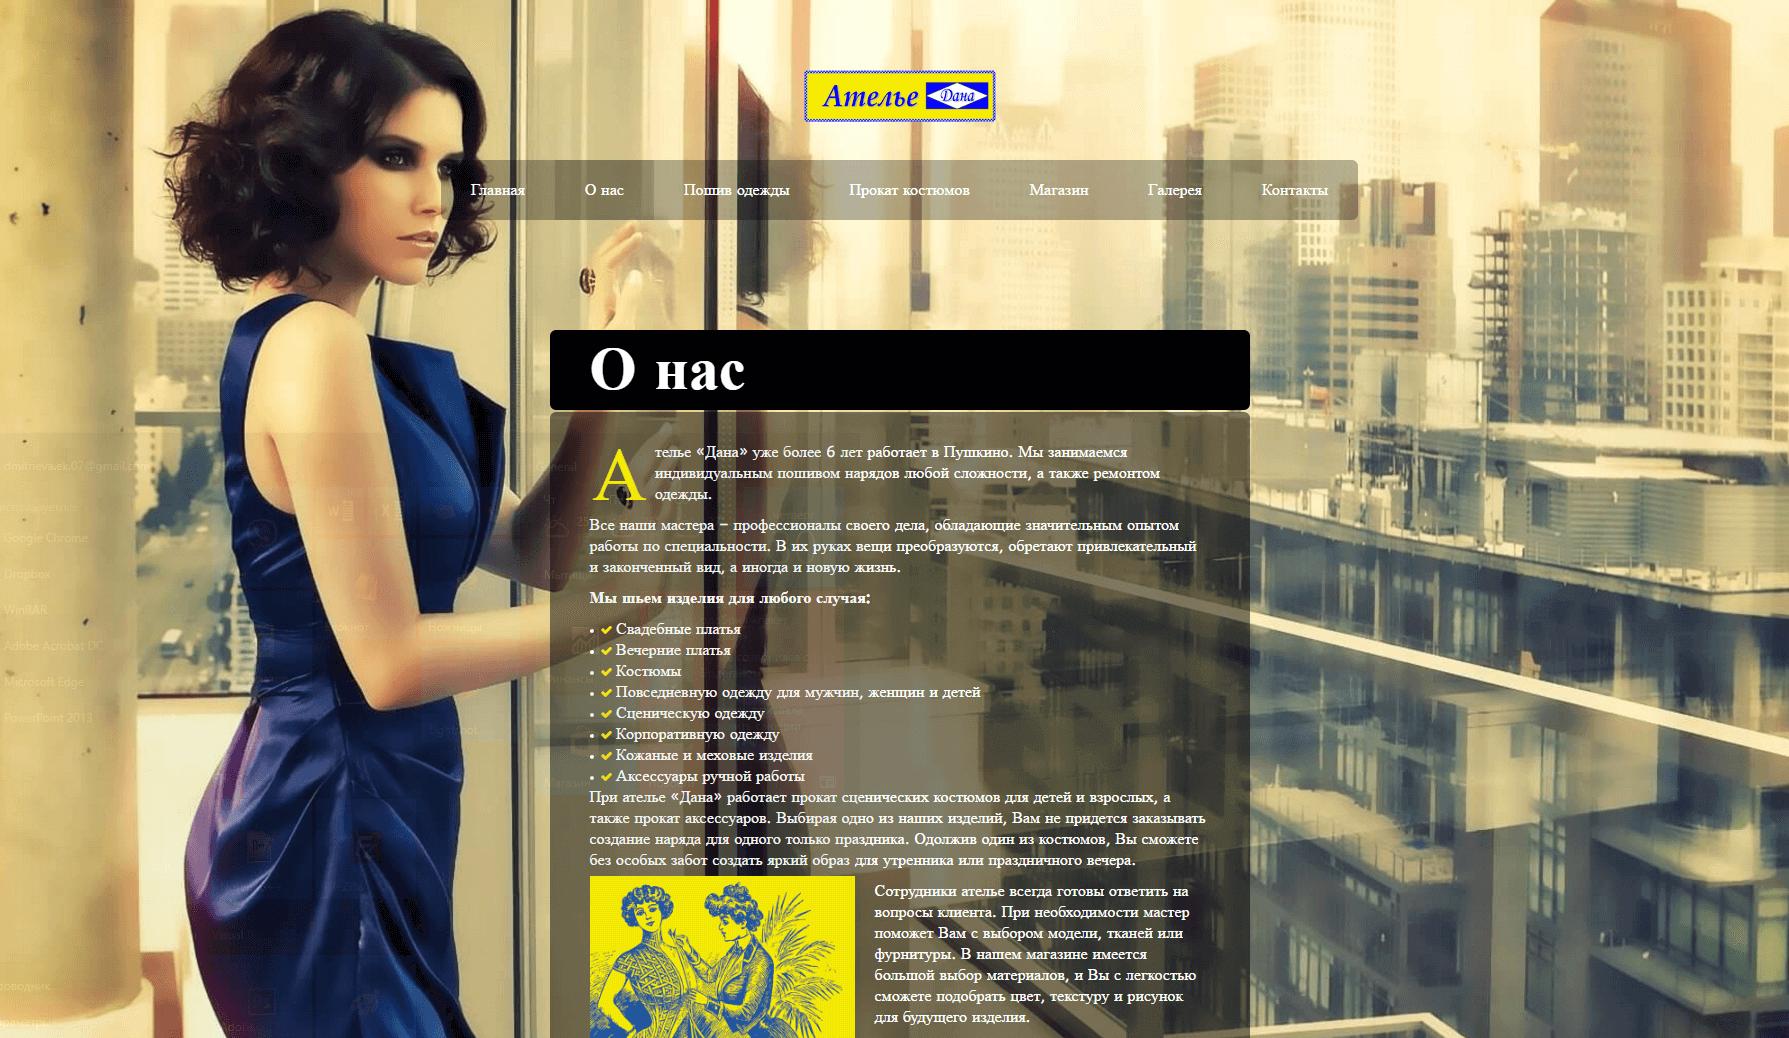 Внутренняя страница сайта ателье